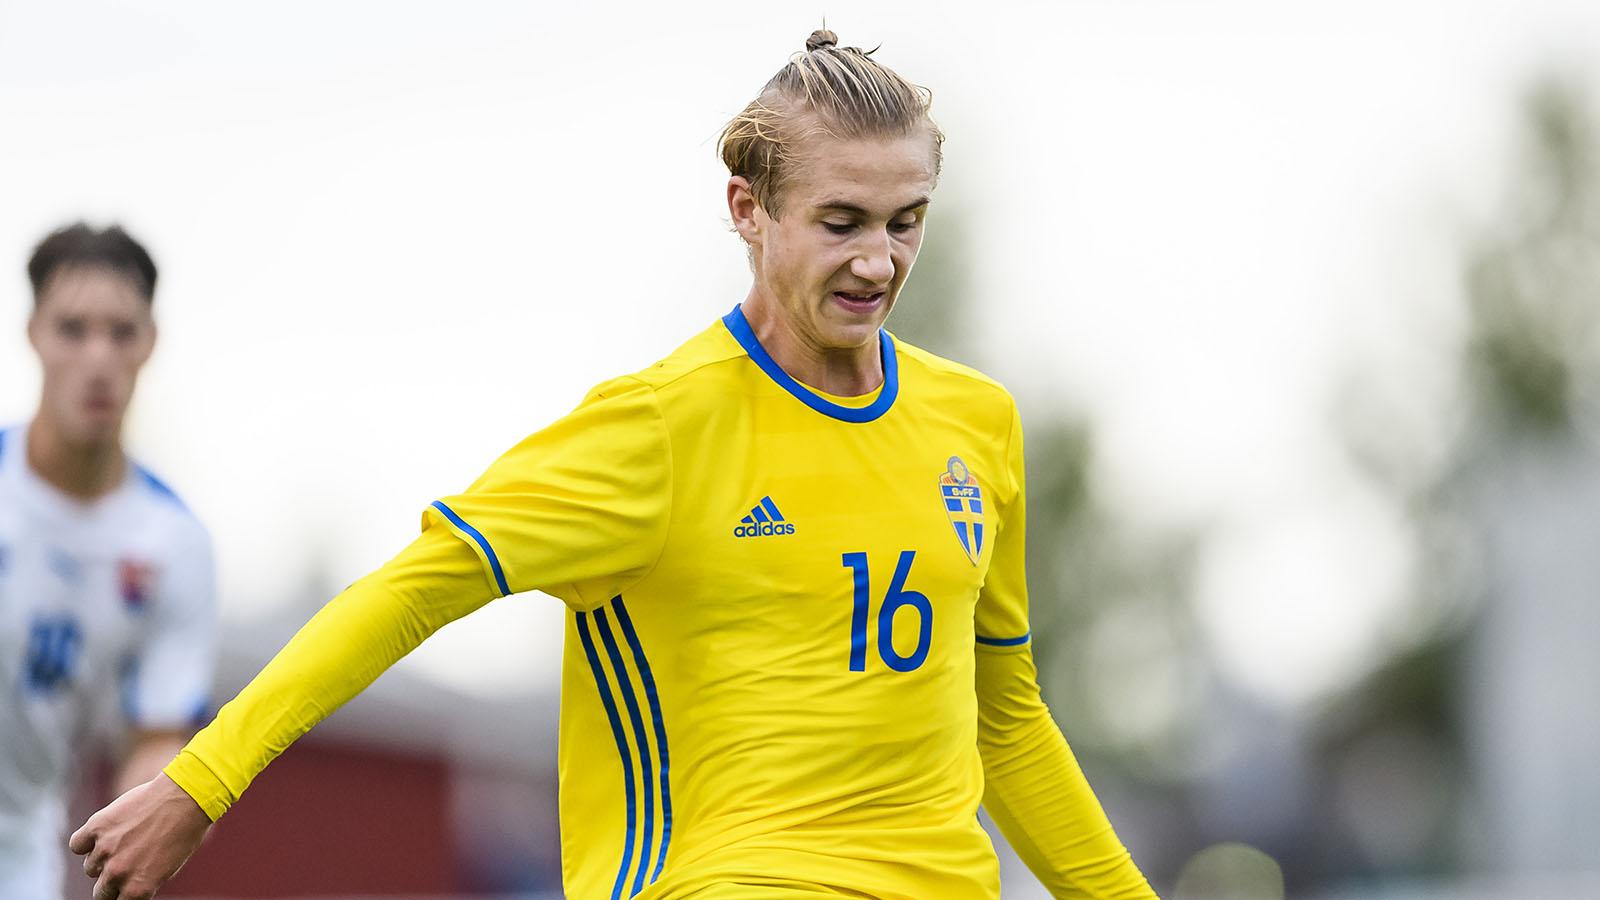 170914 Sveriges Benjamin Nygren under P16 landskampen i fotboll mellan Sverige och Slovakien den 14 september 2017 i Piteå. Foto: Peter Skaugvold / BILDBYRÅN / Cop 116